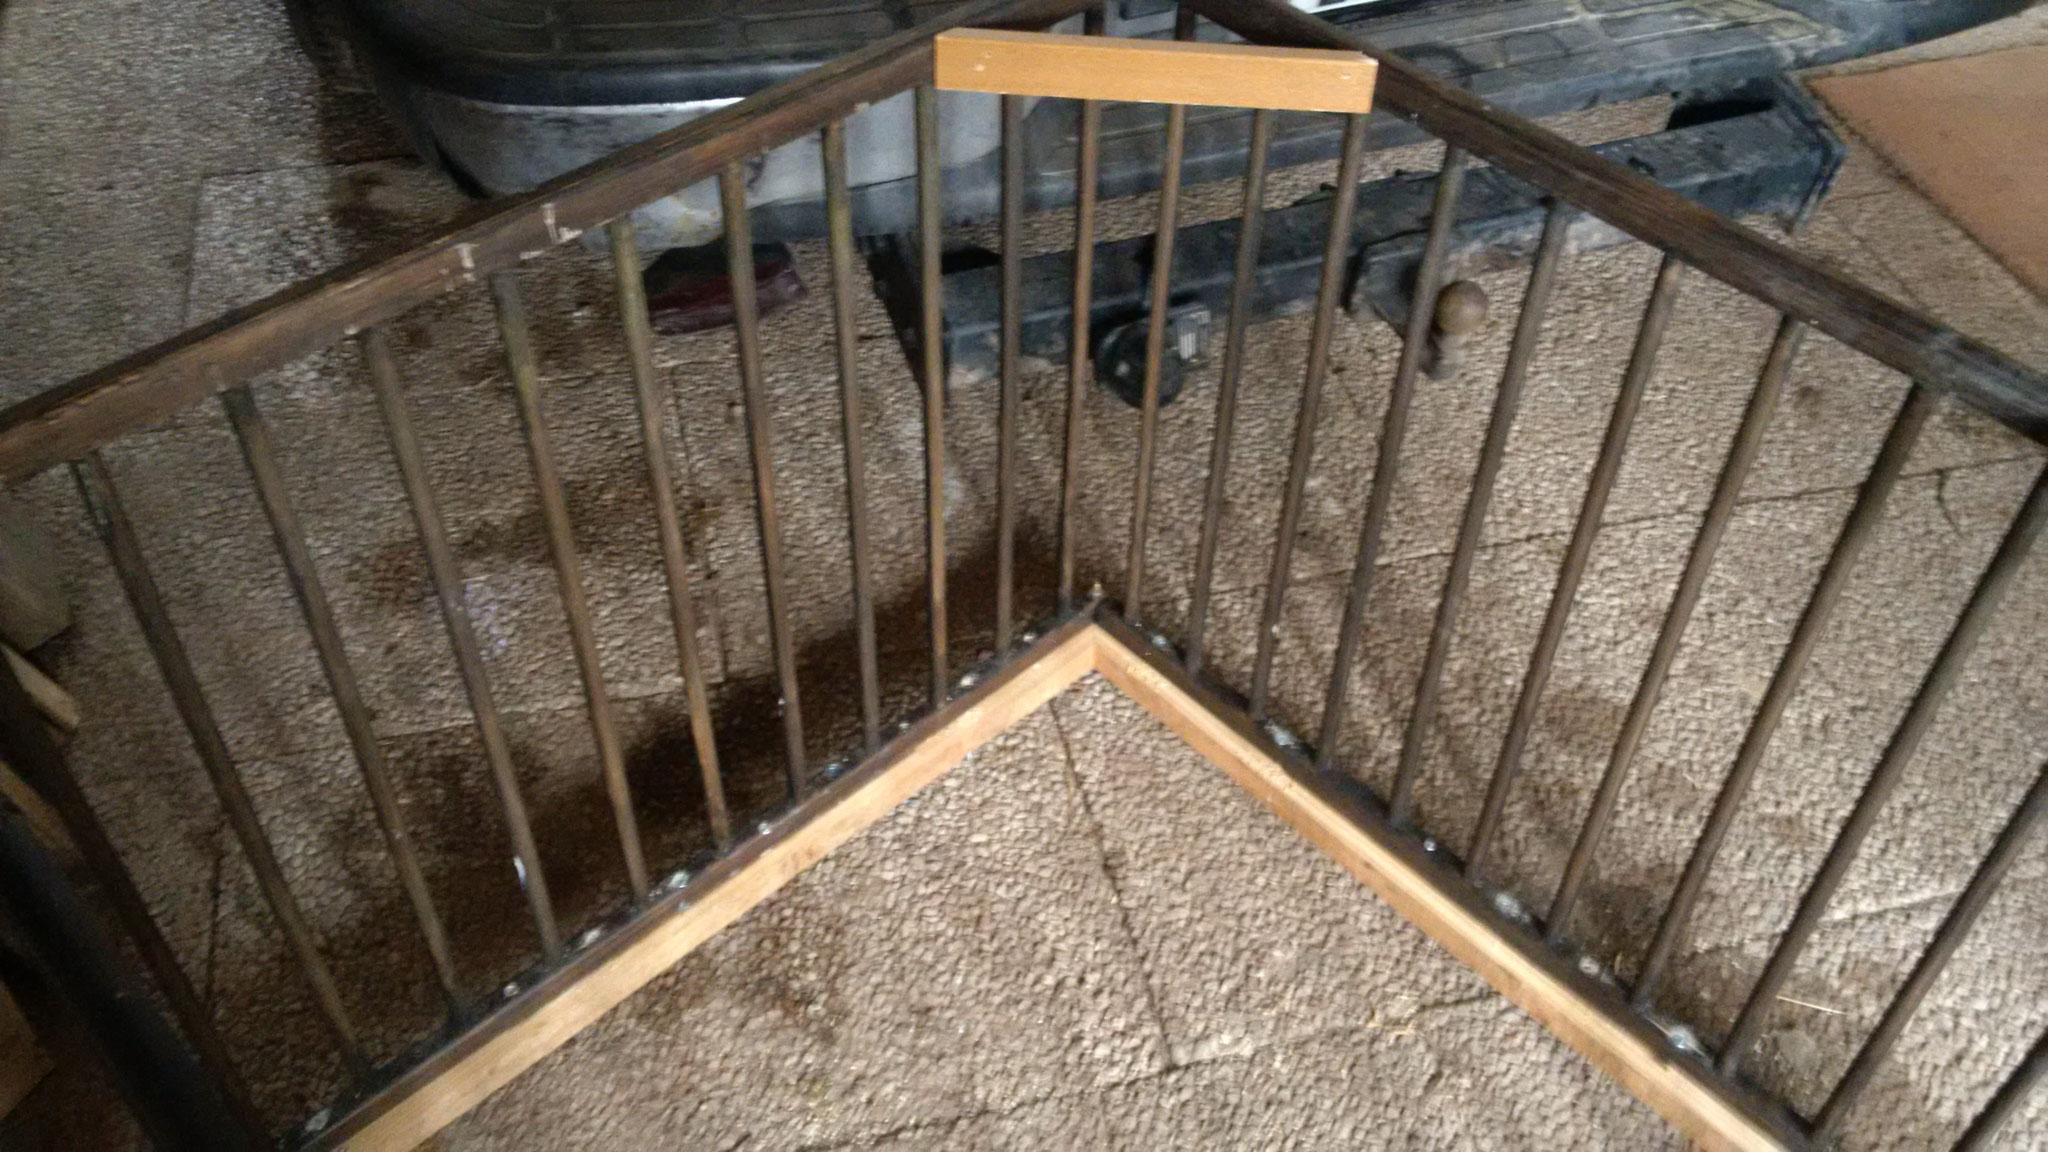 Danach wurde ein Rahmen aus Lärcheholz von unten her an den Laufstall geschraubt. Verstrebungen machen das Ganze stabil.